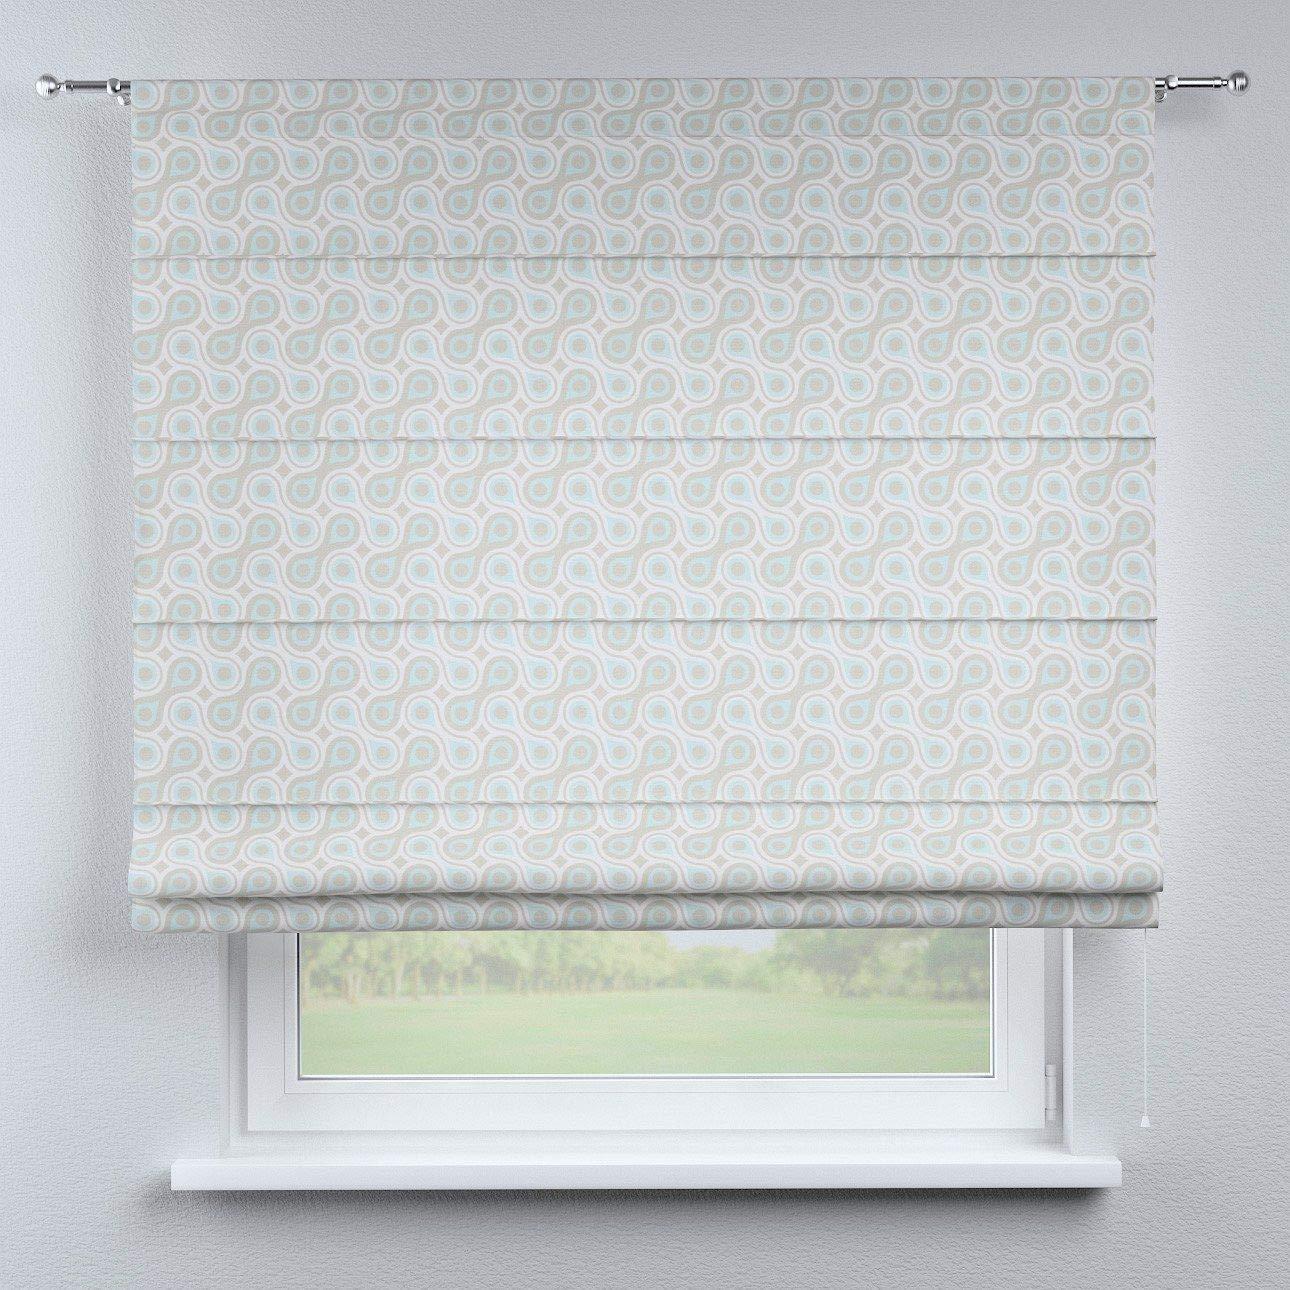 Dekoria Raffrollo Torino ohne Bohren Blickdicht Faltvorhang Raffgardine Wohnzimmer Schlafzimmer Kinderzimmer 130 × 170 cm blau Raffrollos auf Maß maßanfertigung möglich